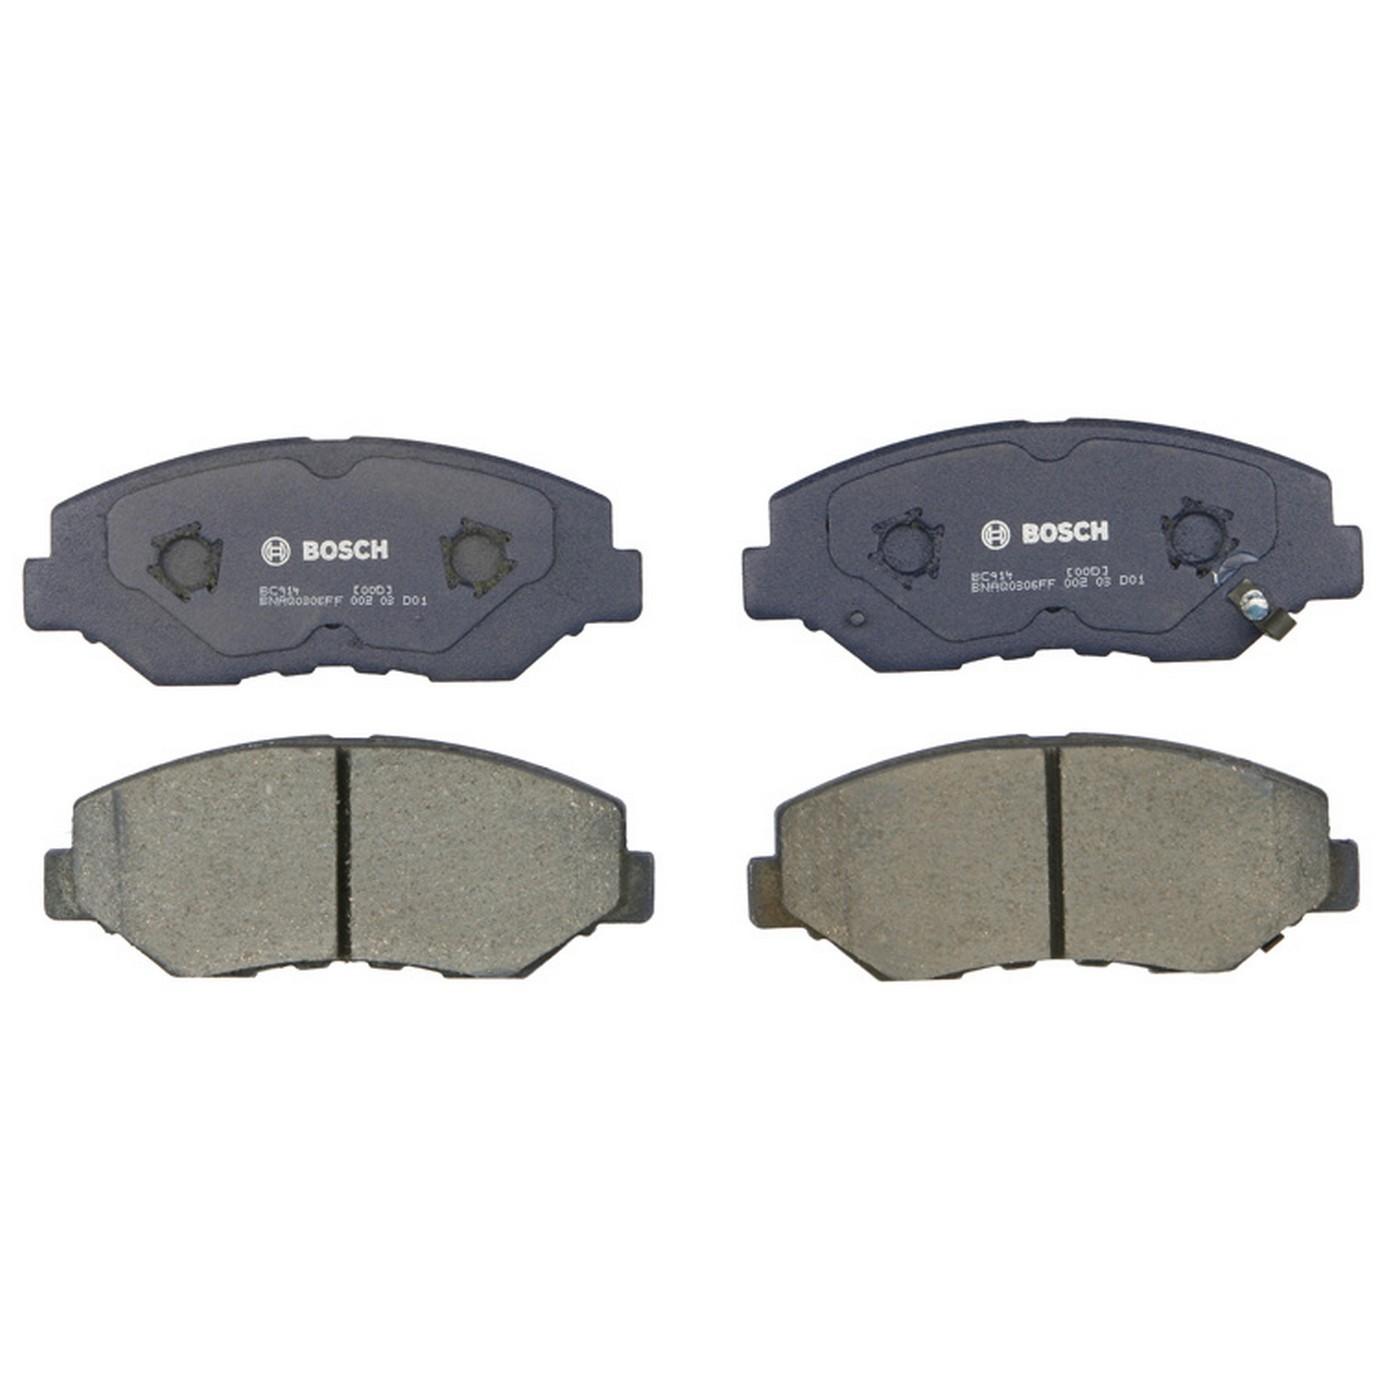 Bosch BC1602 QuietCast Premium Disc Brake Pad Set